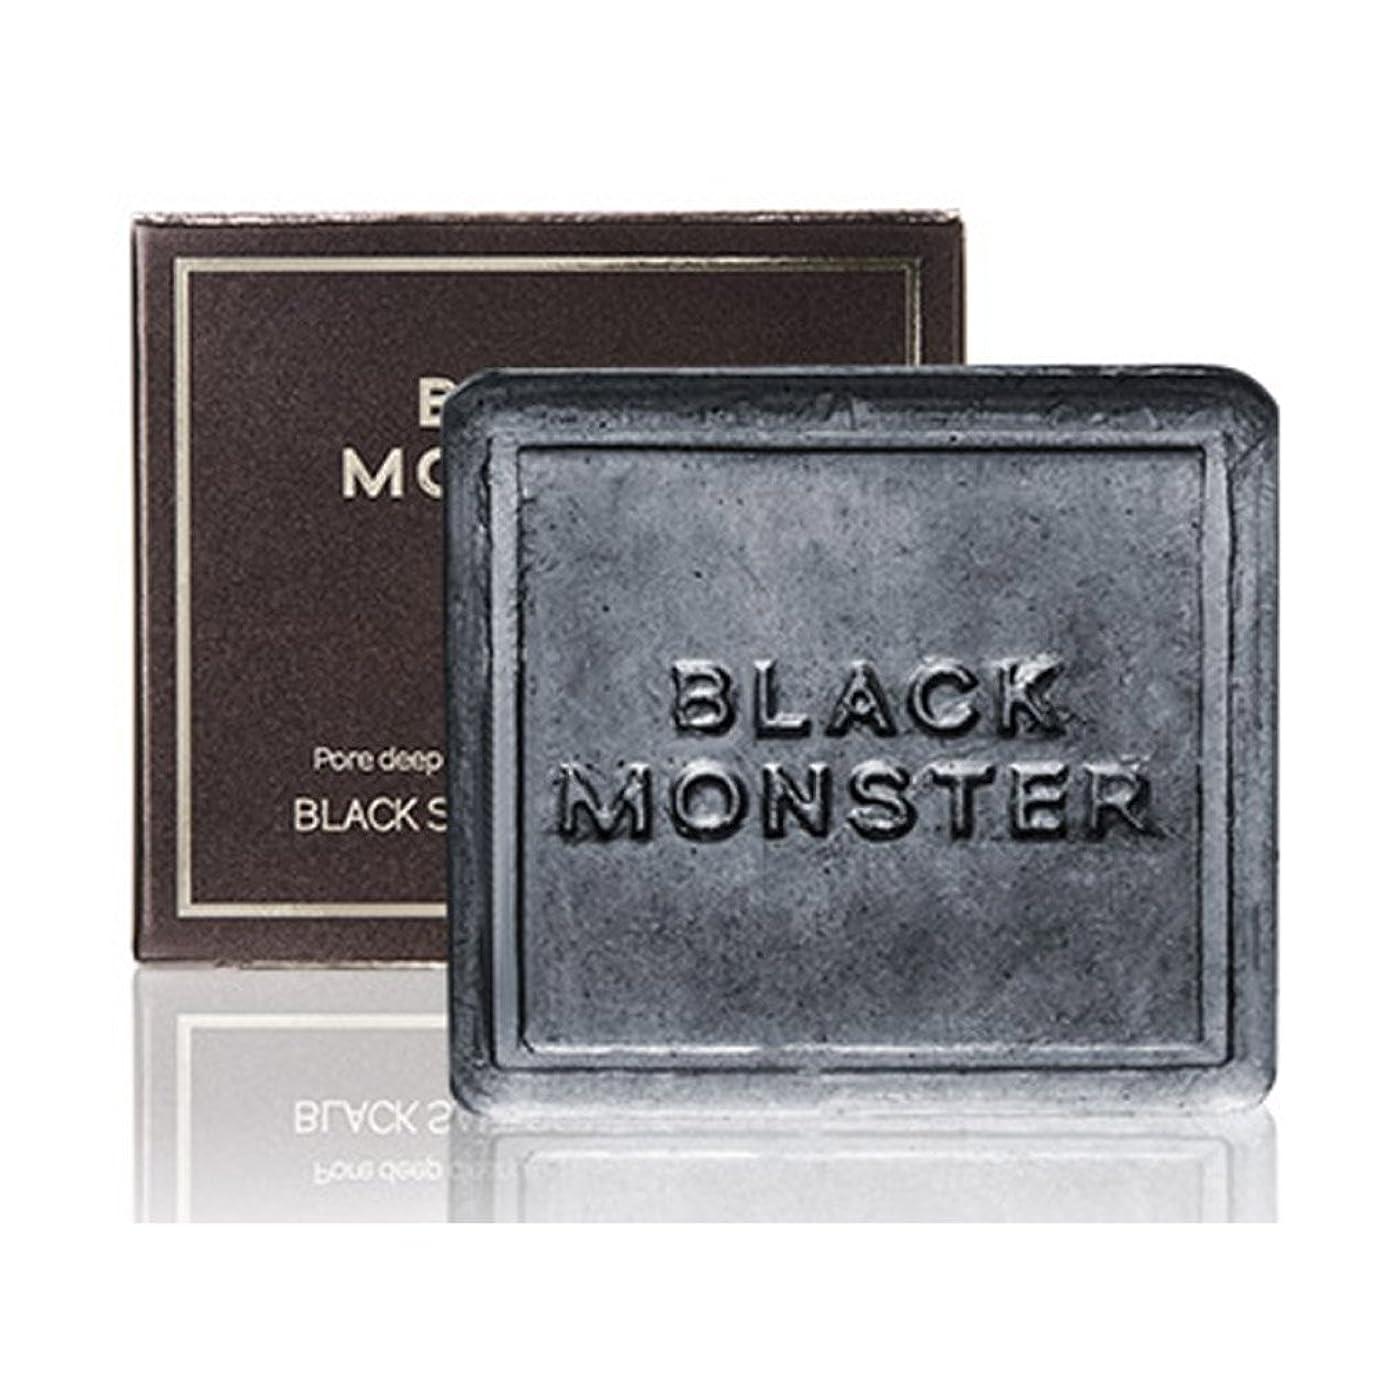 内陸花三角[ブレンクTV] blanktv Black Monster ブラックソルトコントロールバー 120g 海外直送品 black salt control bar [並行輸入品]